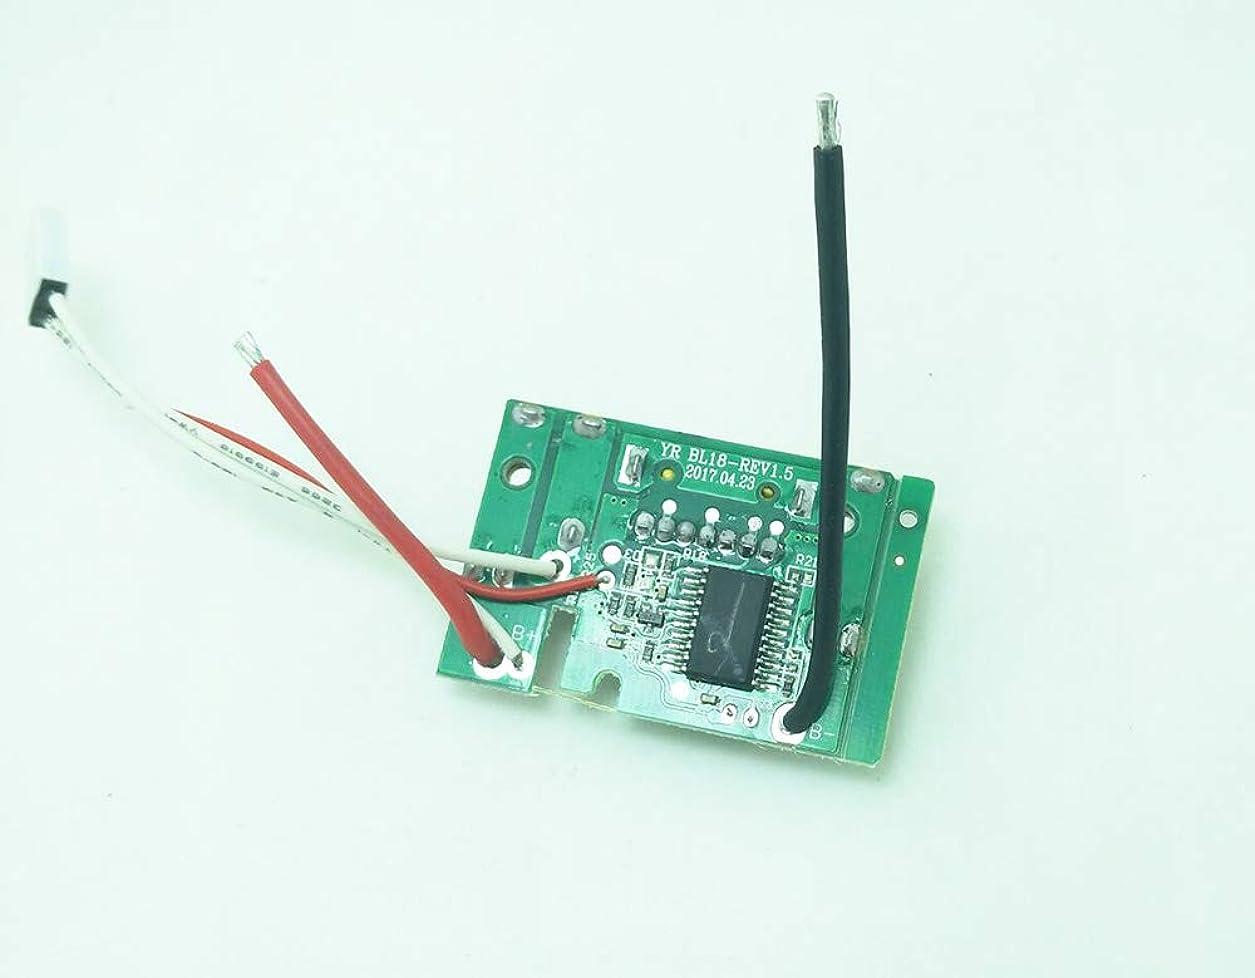 政治家の適合引き出すFor Makita(マキタ) 18V 3.0 AH 4.0AH 6AHバッテリーBL1830 BL1840 BL1850 LXT400 PCB回路基板 電池保護サーキットボード